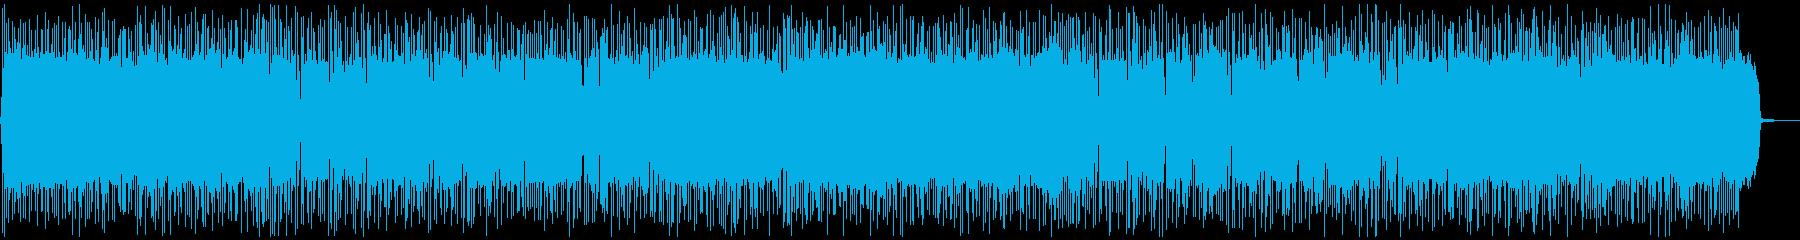 ノリノリ・盛り上がるギターポップ・ロックの再生済みの波形